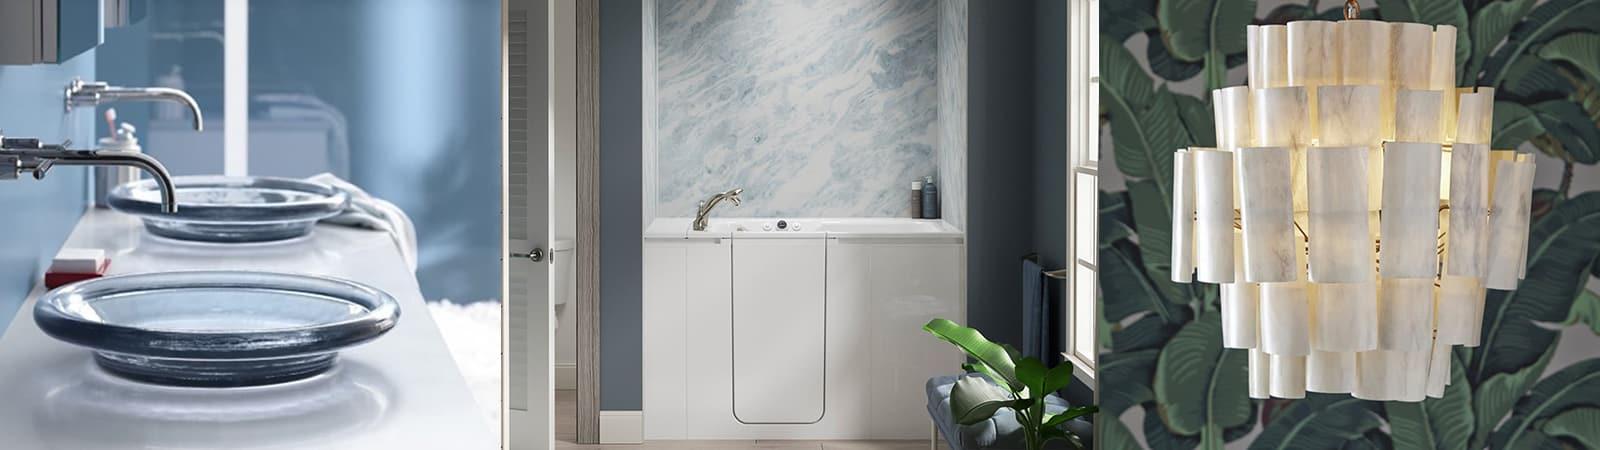 Photos of Bathroom Design Inspiration